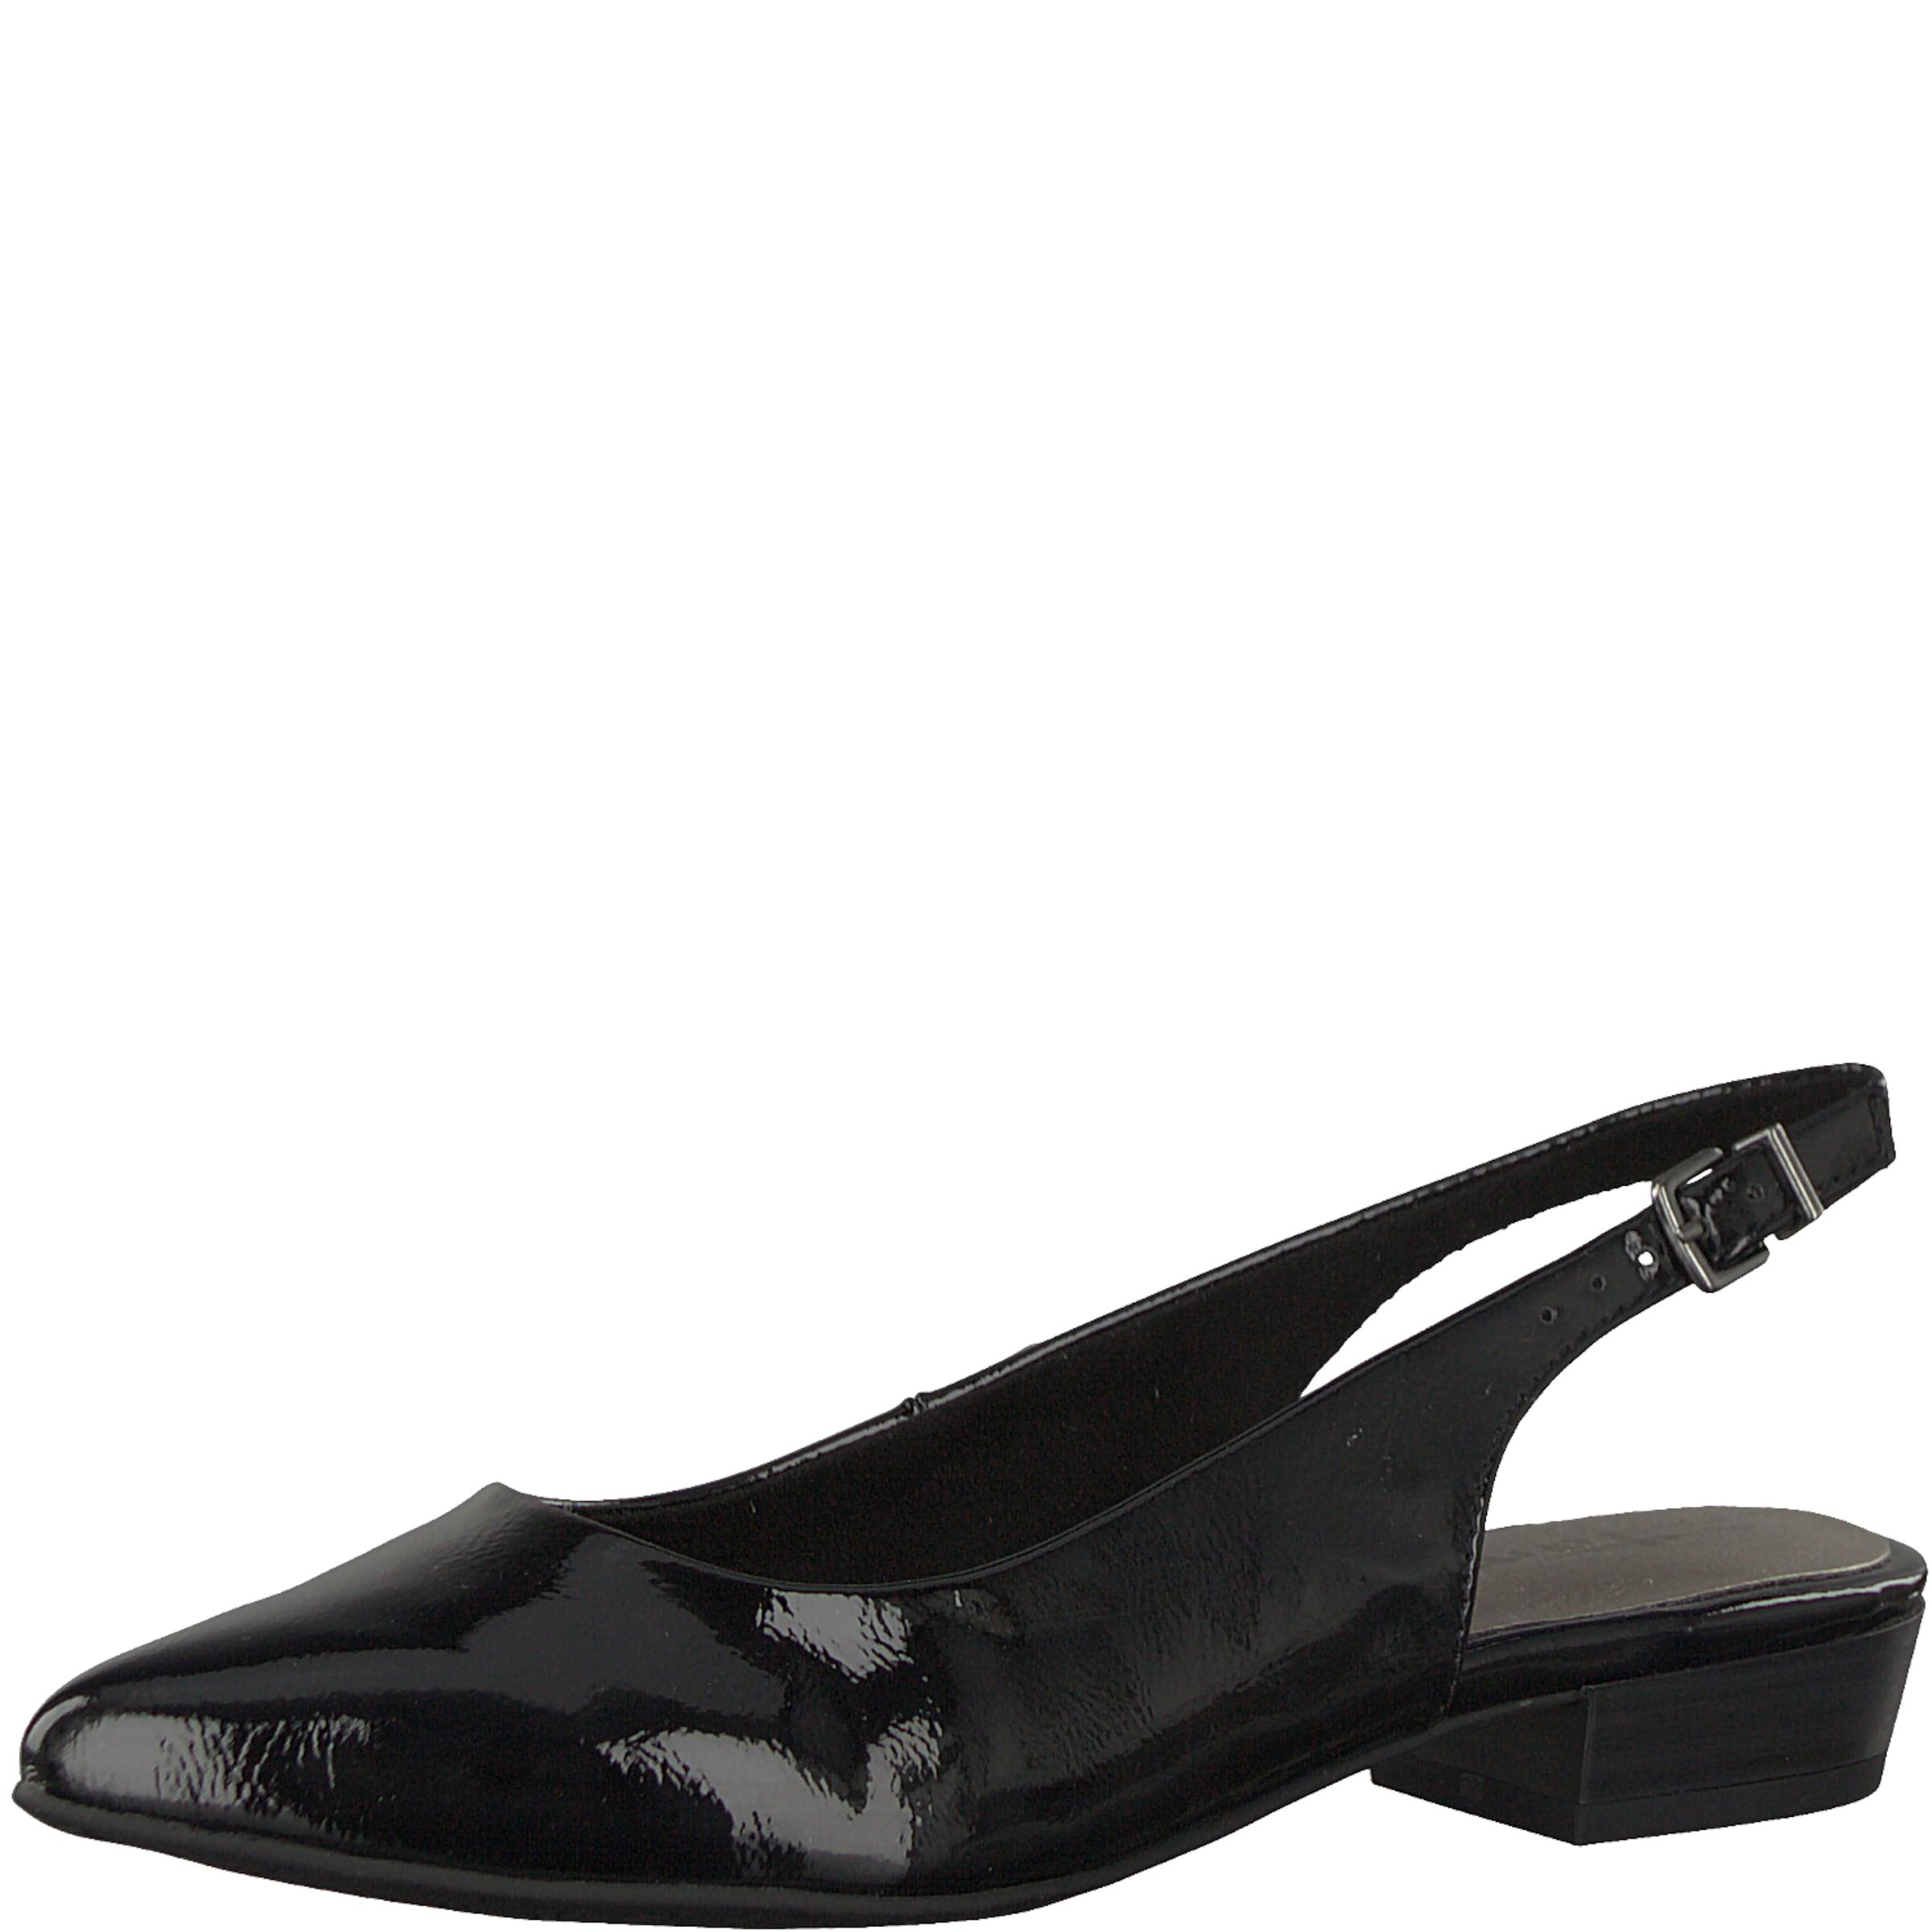 TAMARIS Pantolette Sling Spitz Verschleißfeste billige Schuhe